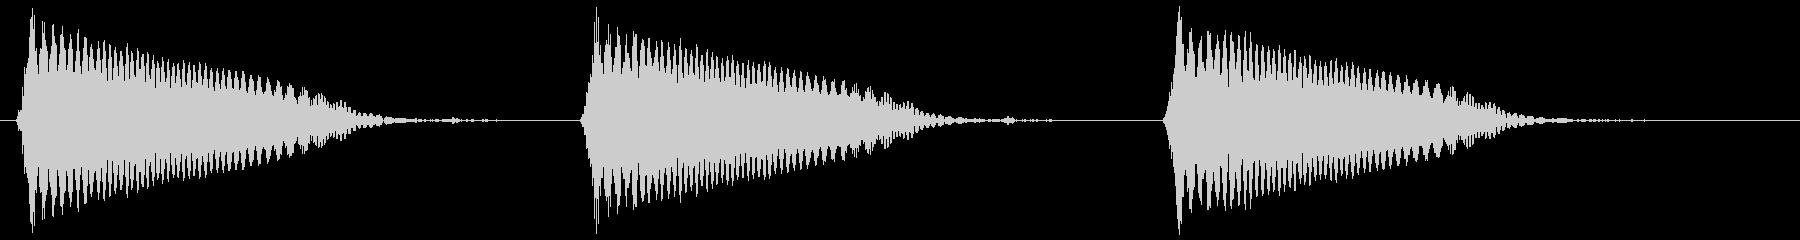 ファン、ファン…(浮遊、おばけ、幽霊)の未再生の波形